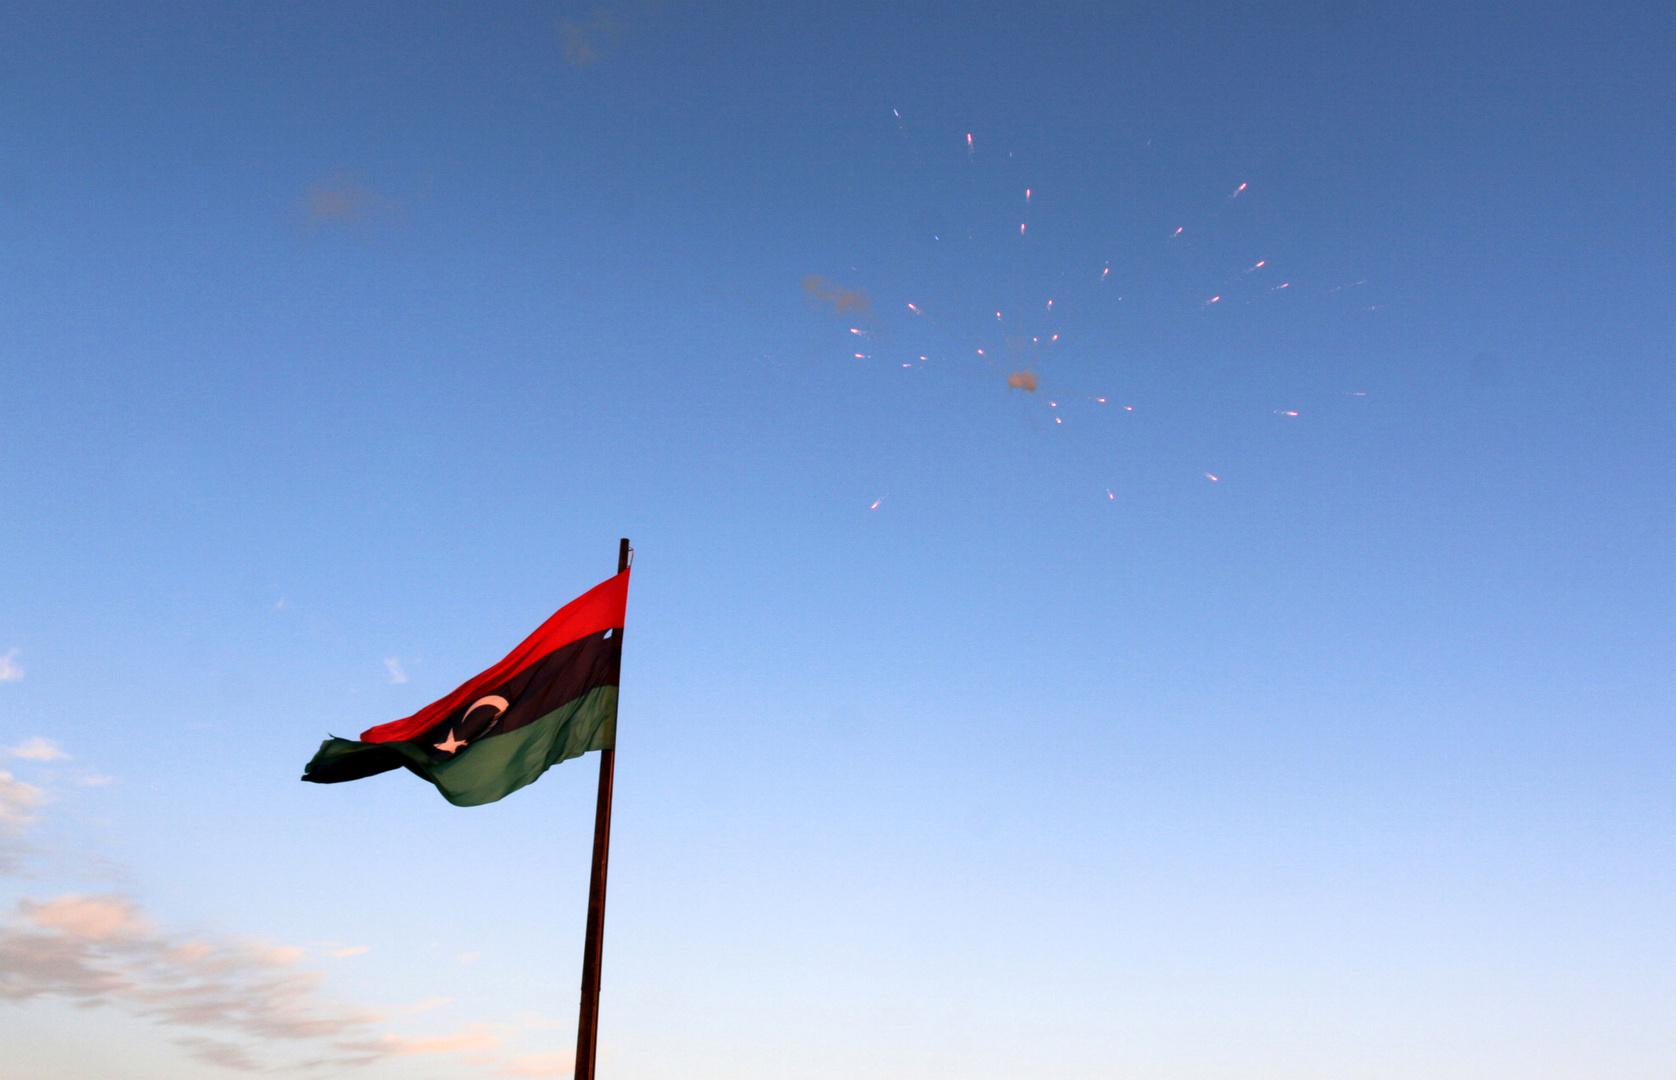 ليبيا.. اللجنة العسكرية المشتركة تدعو الحكومة إلى دعم وقف إطلاق النار بشكل فوري